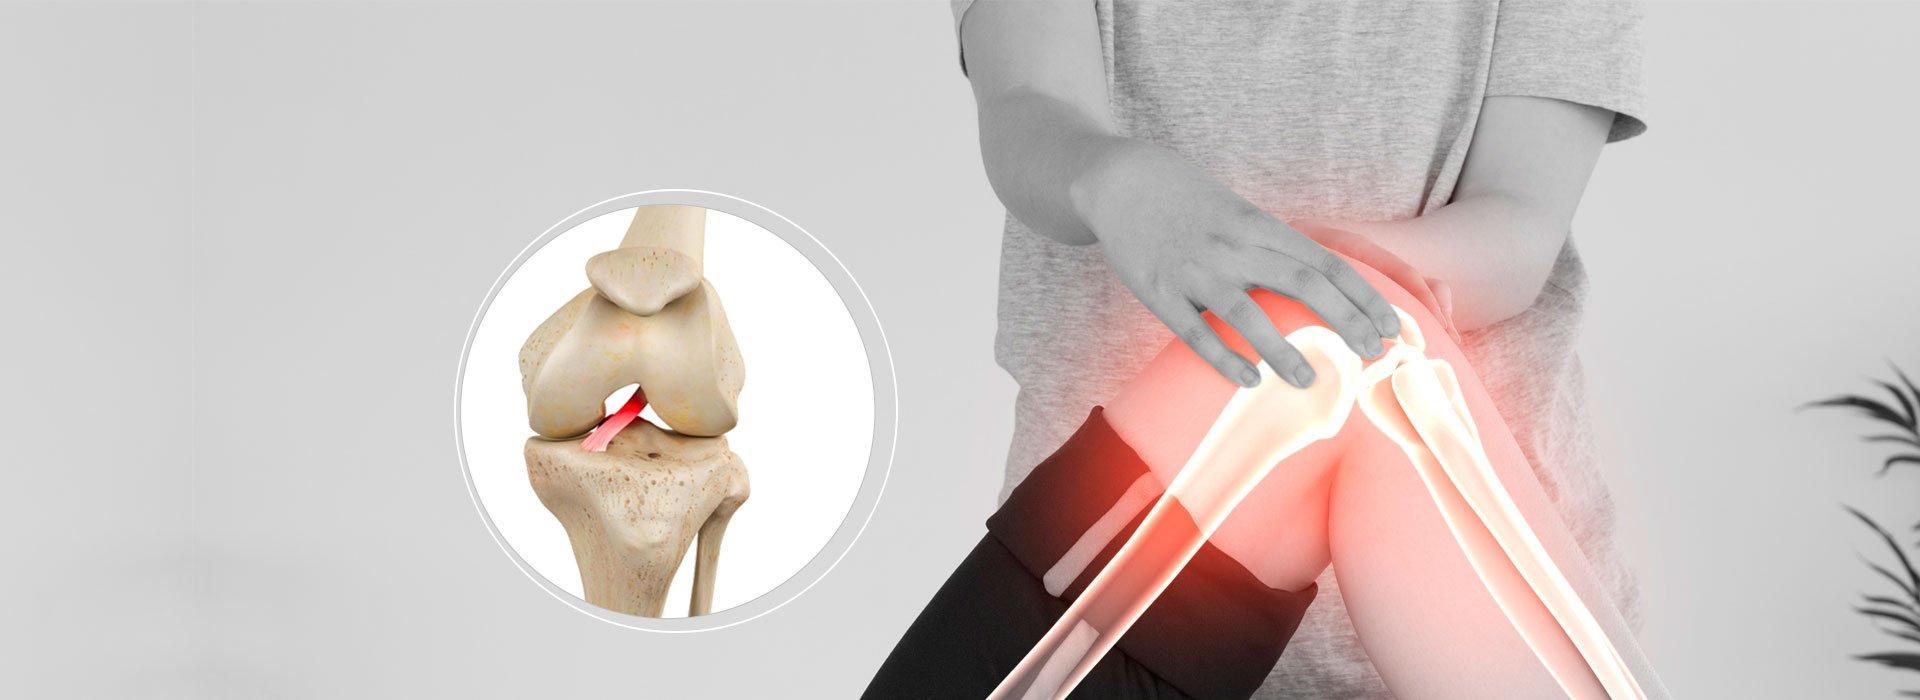 Lesão do Ligamento Cruzado Anterior especialista de joelho